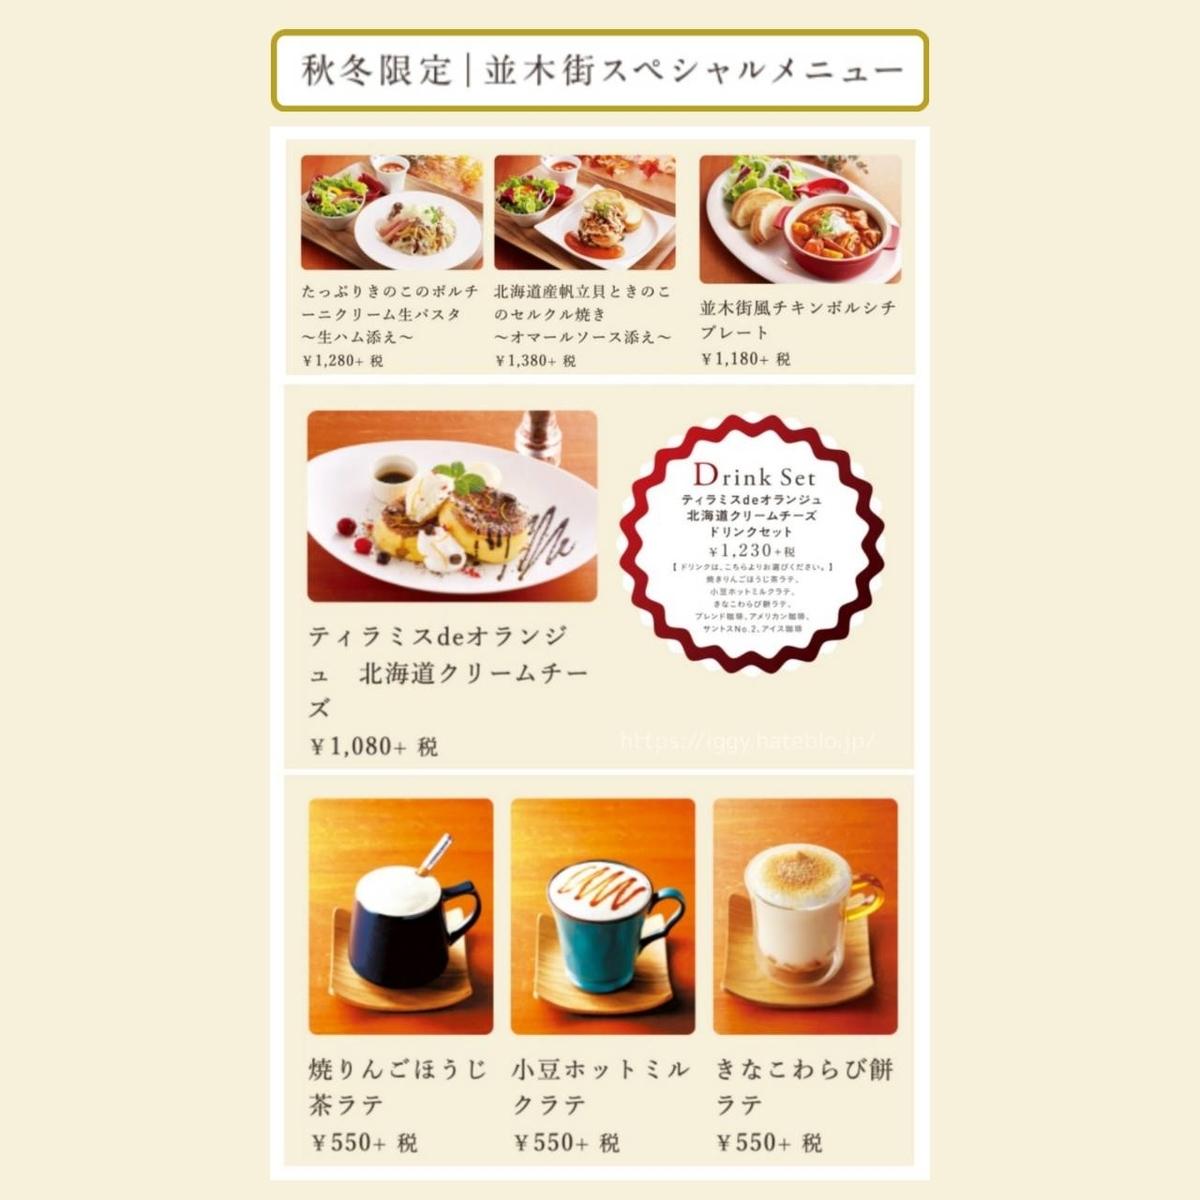 並木街珈琲 博多の森店 メニュー 口コミ レビュー